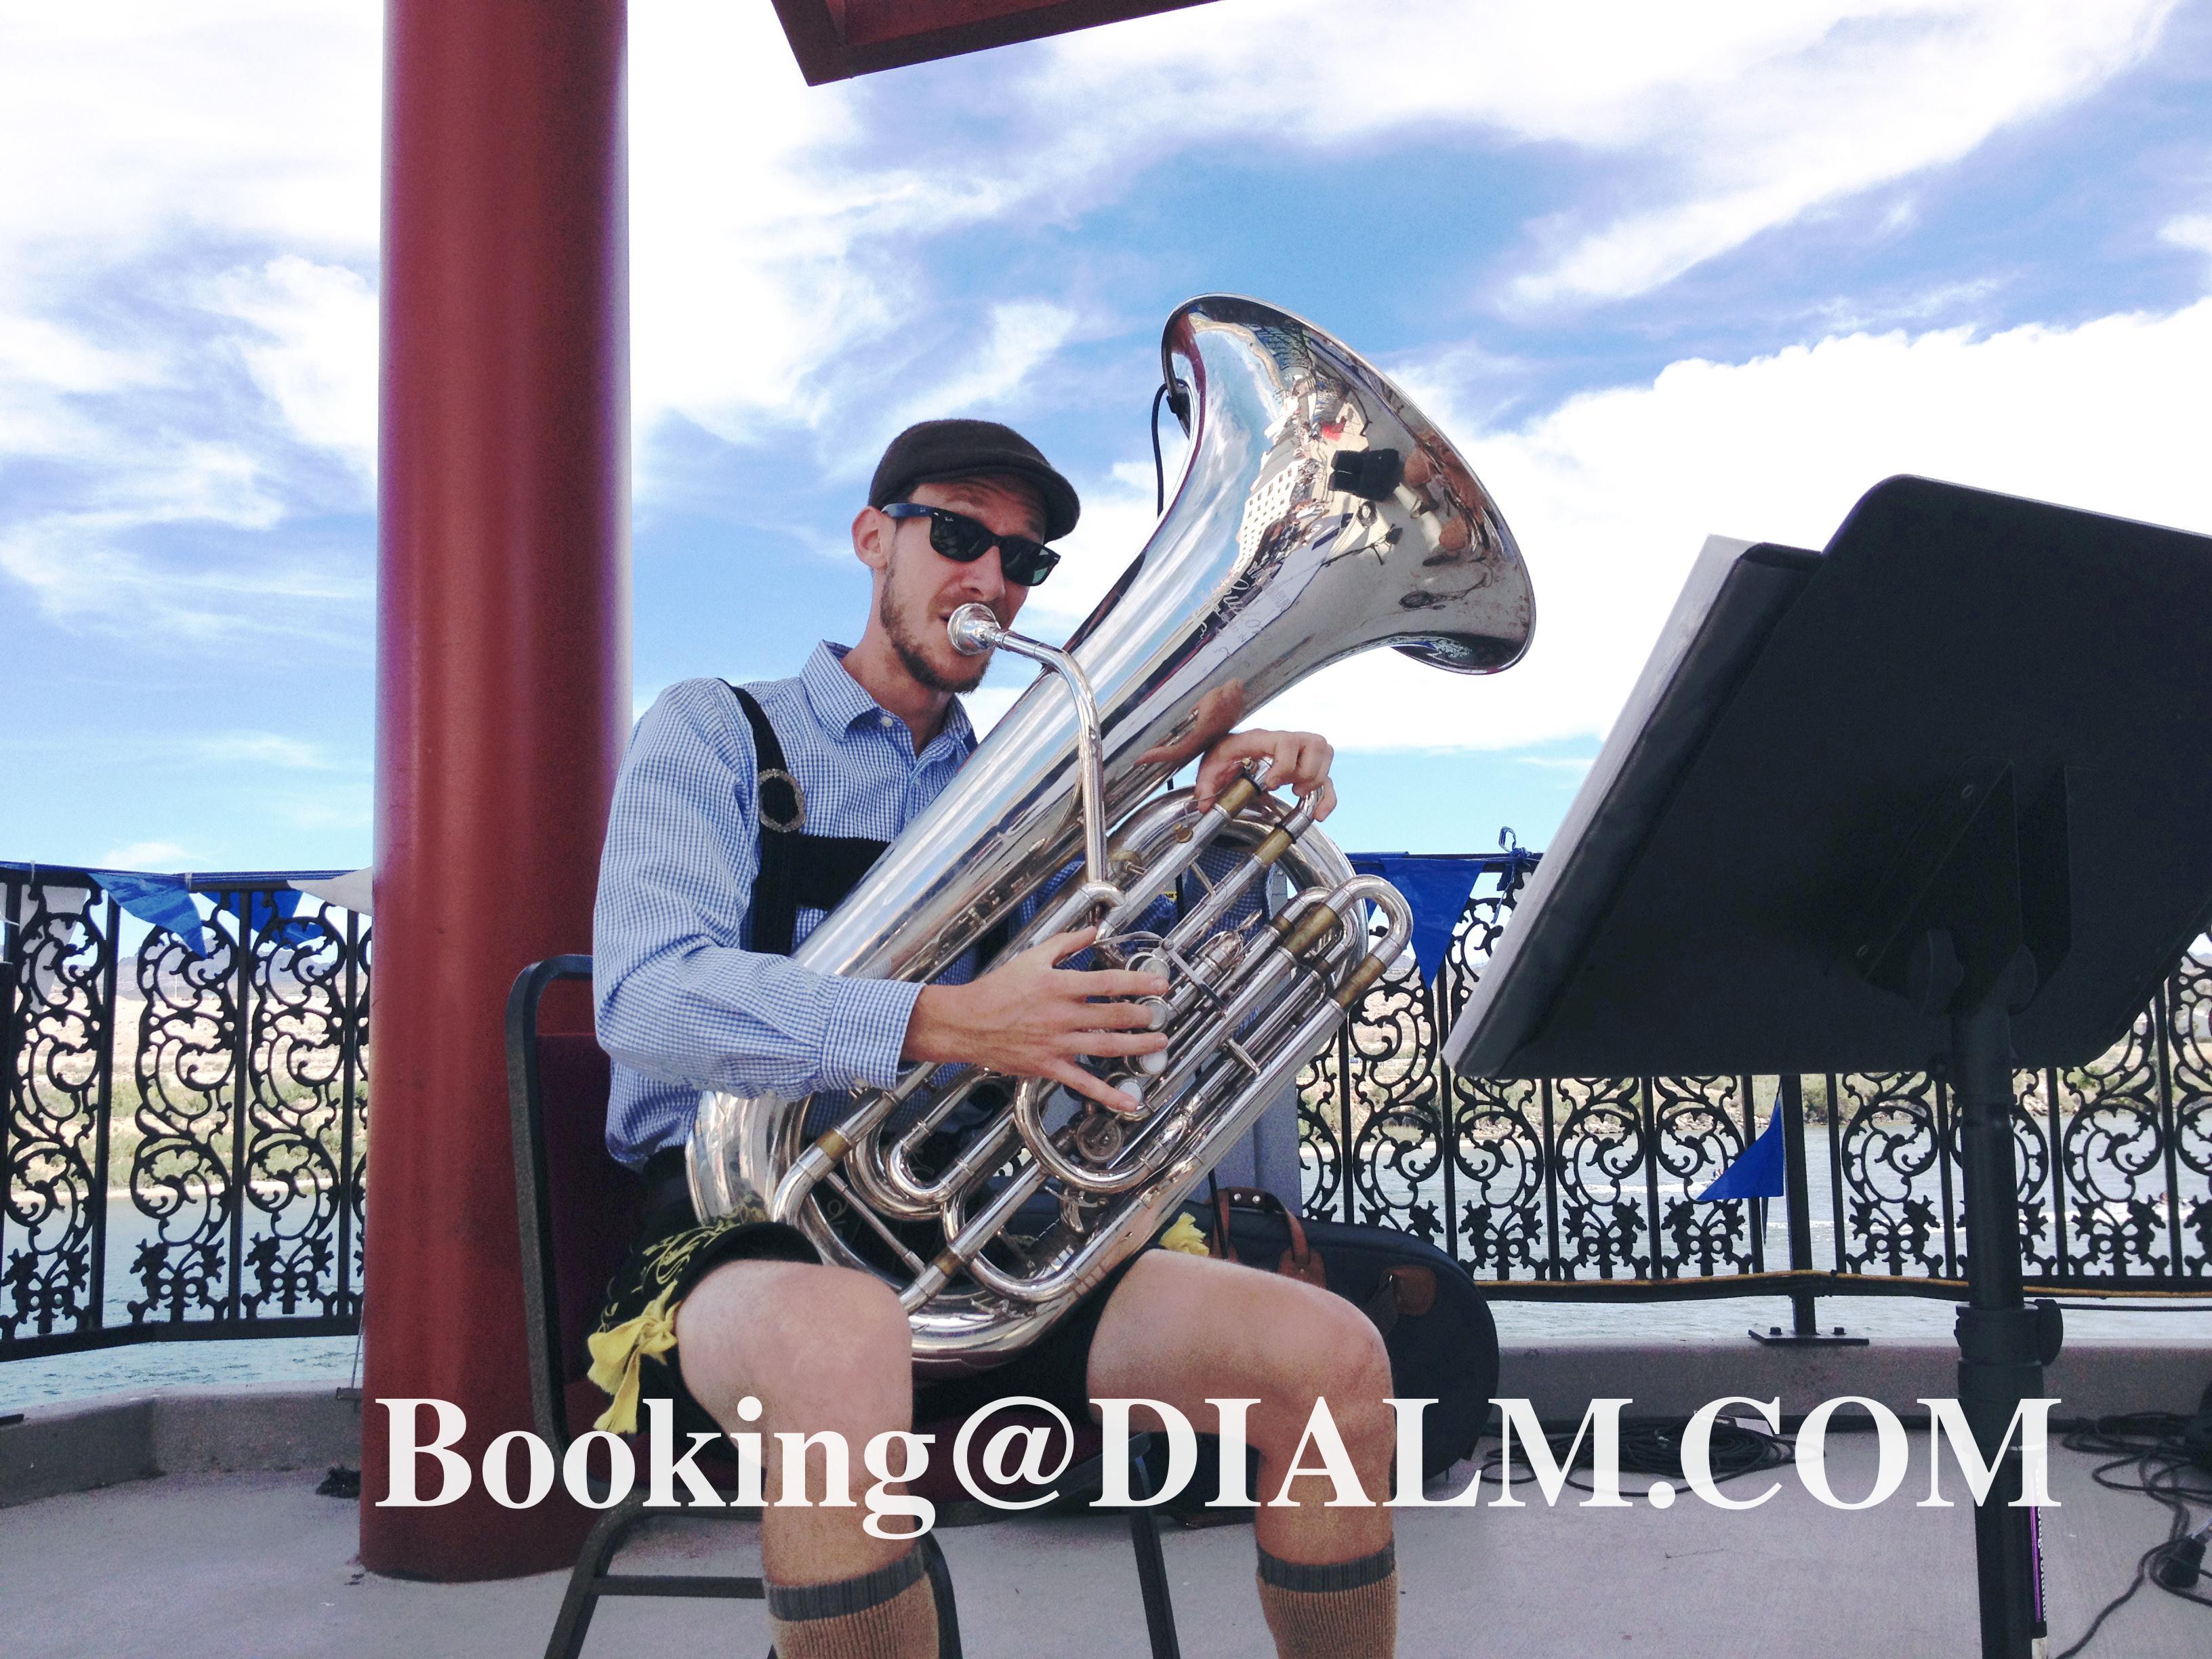 octoberfest band #Oktoberfest  Tuba #DIALM